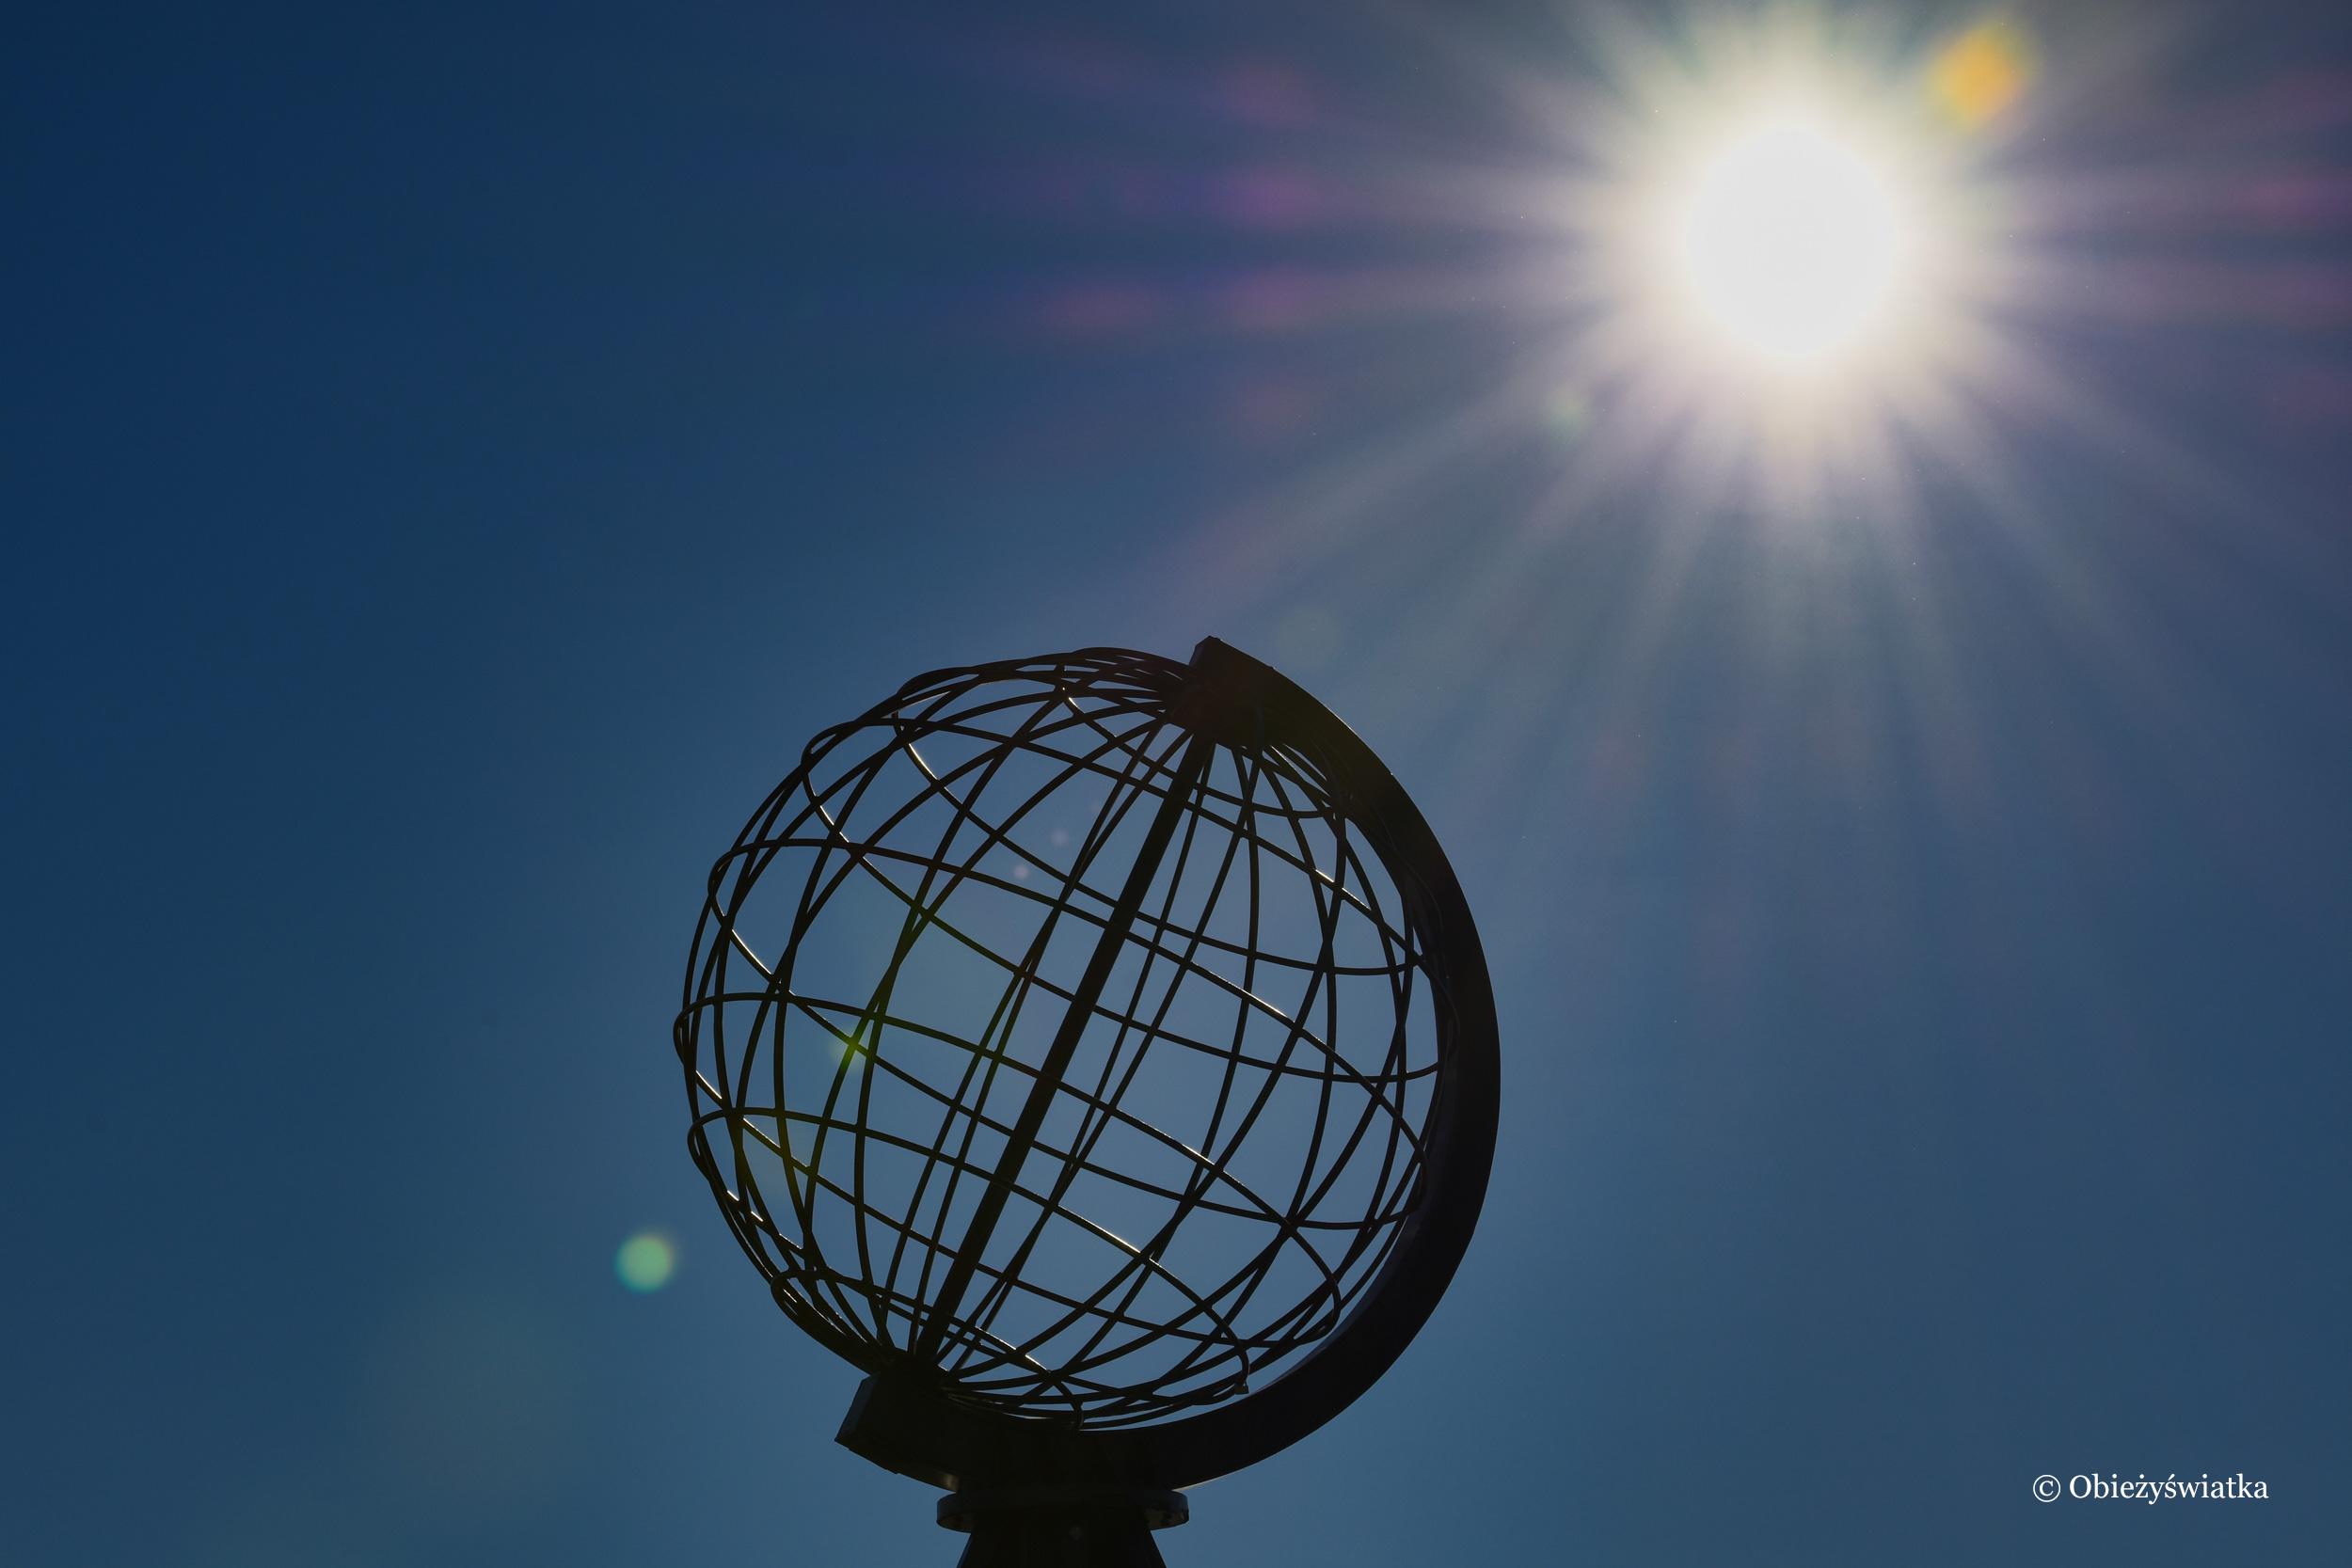 Globus w słońcu - Nordkapp, Przylądek Północny, Norwegia